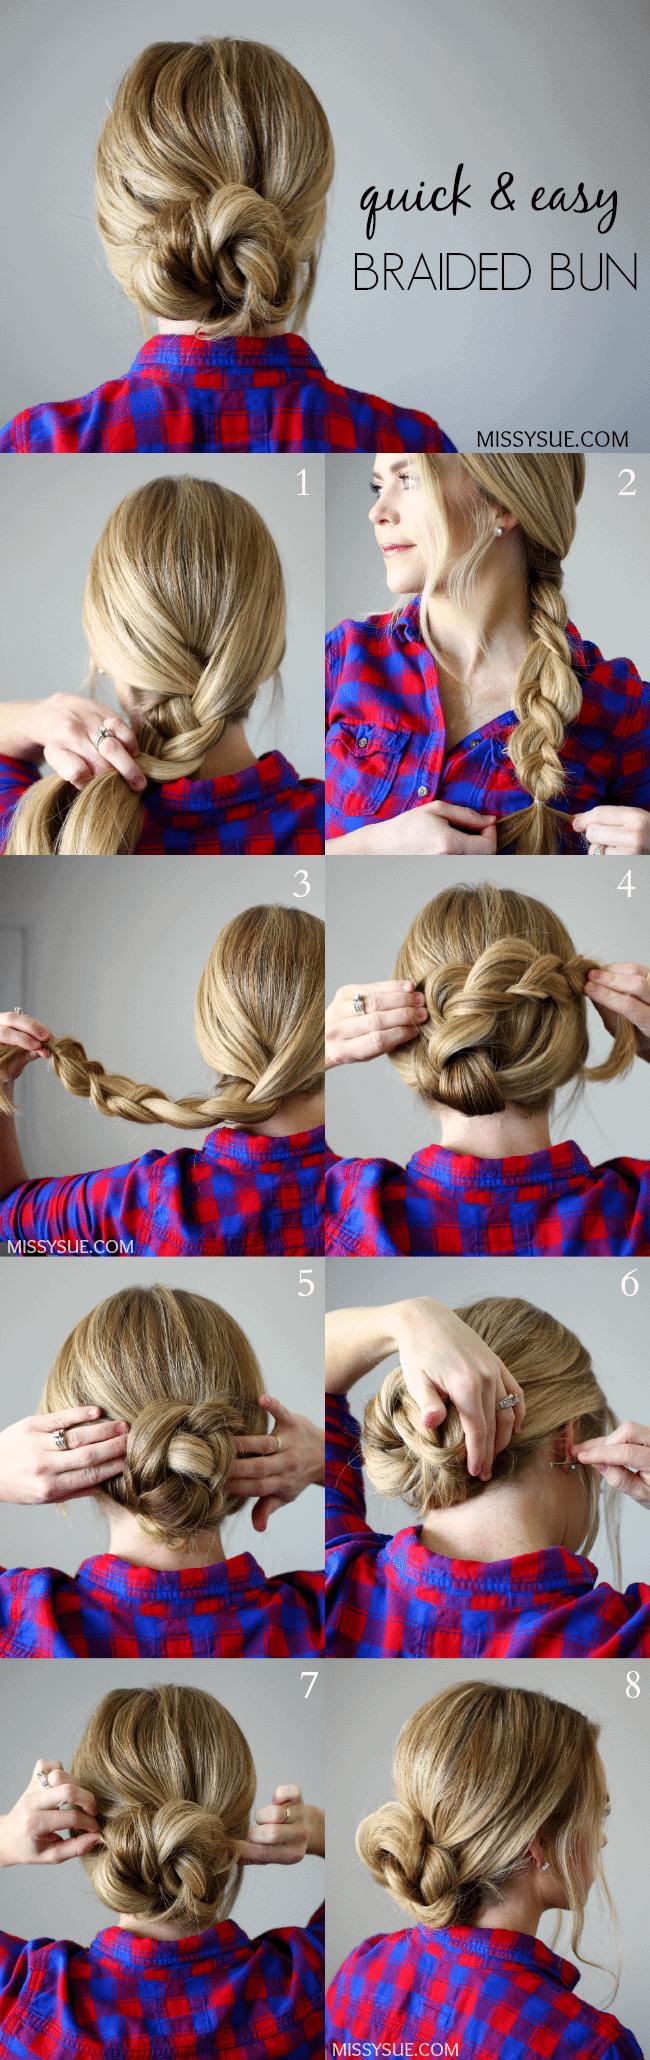 coque-penteado-4